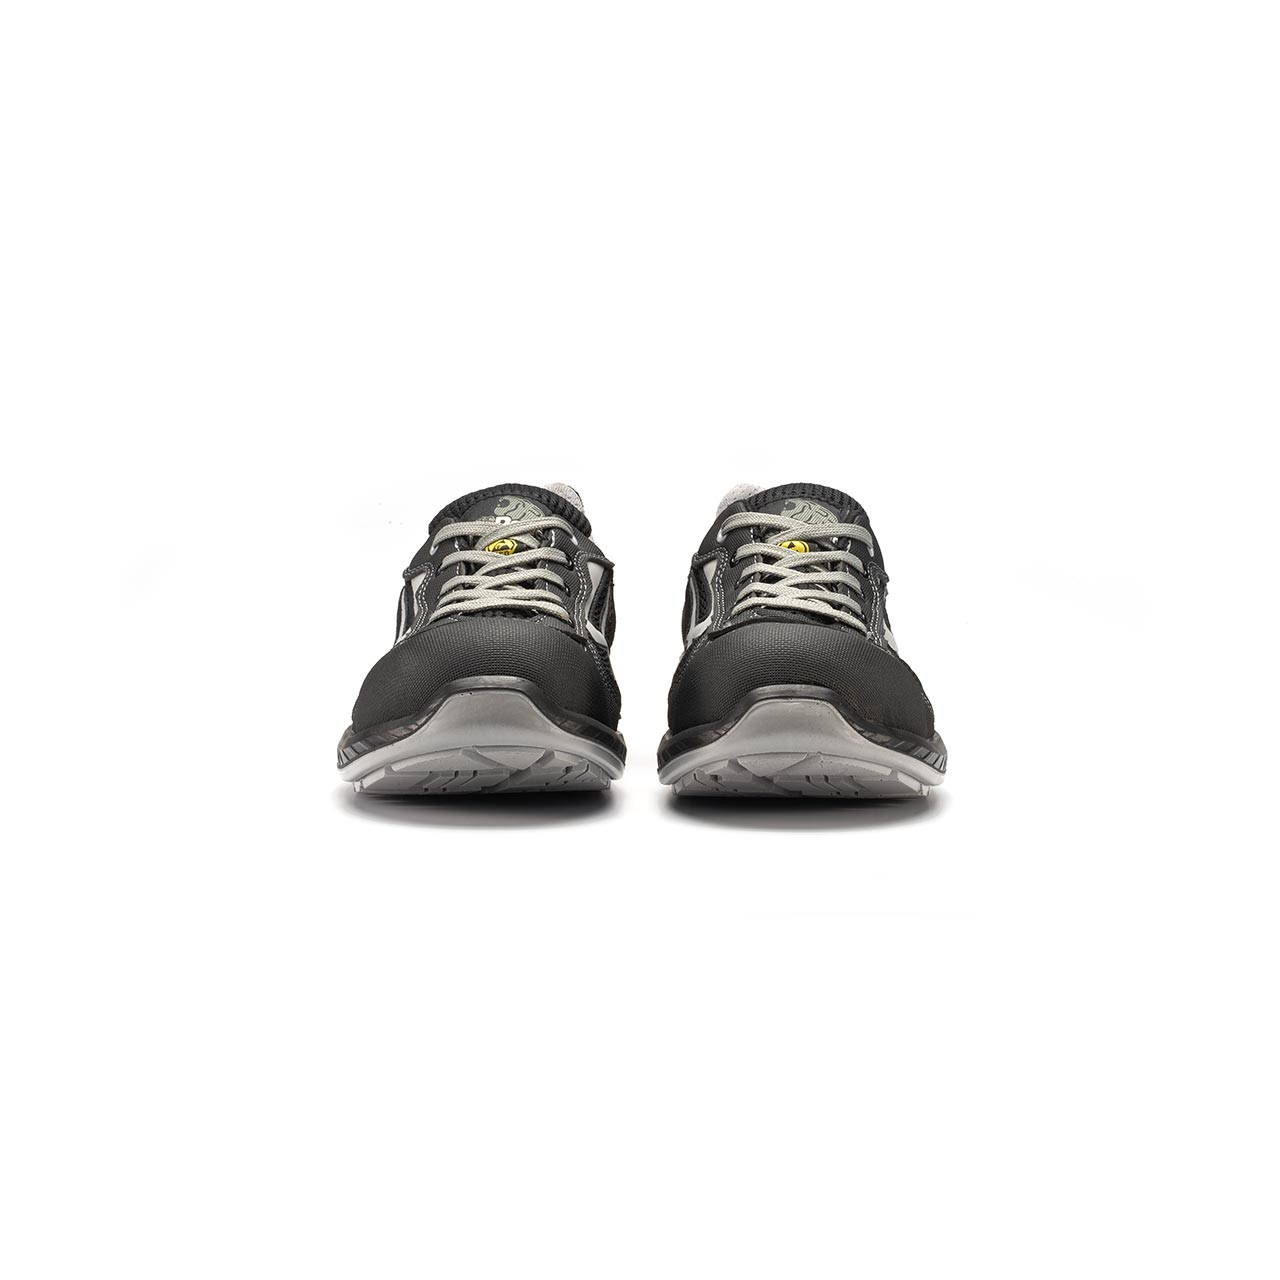 paio di scarpe antinfortunistiche upower modello shanghai linea redindustry vista frontale